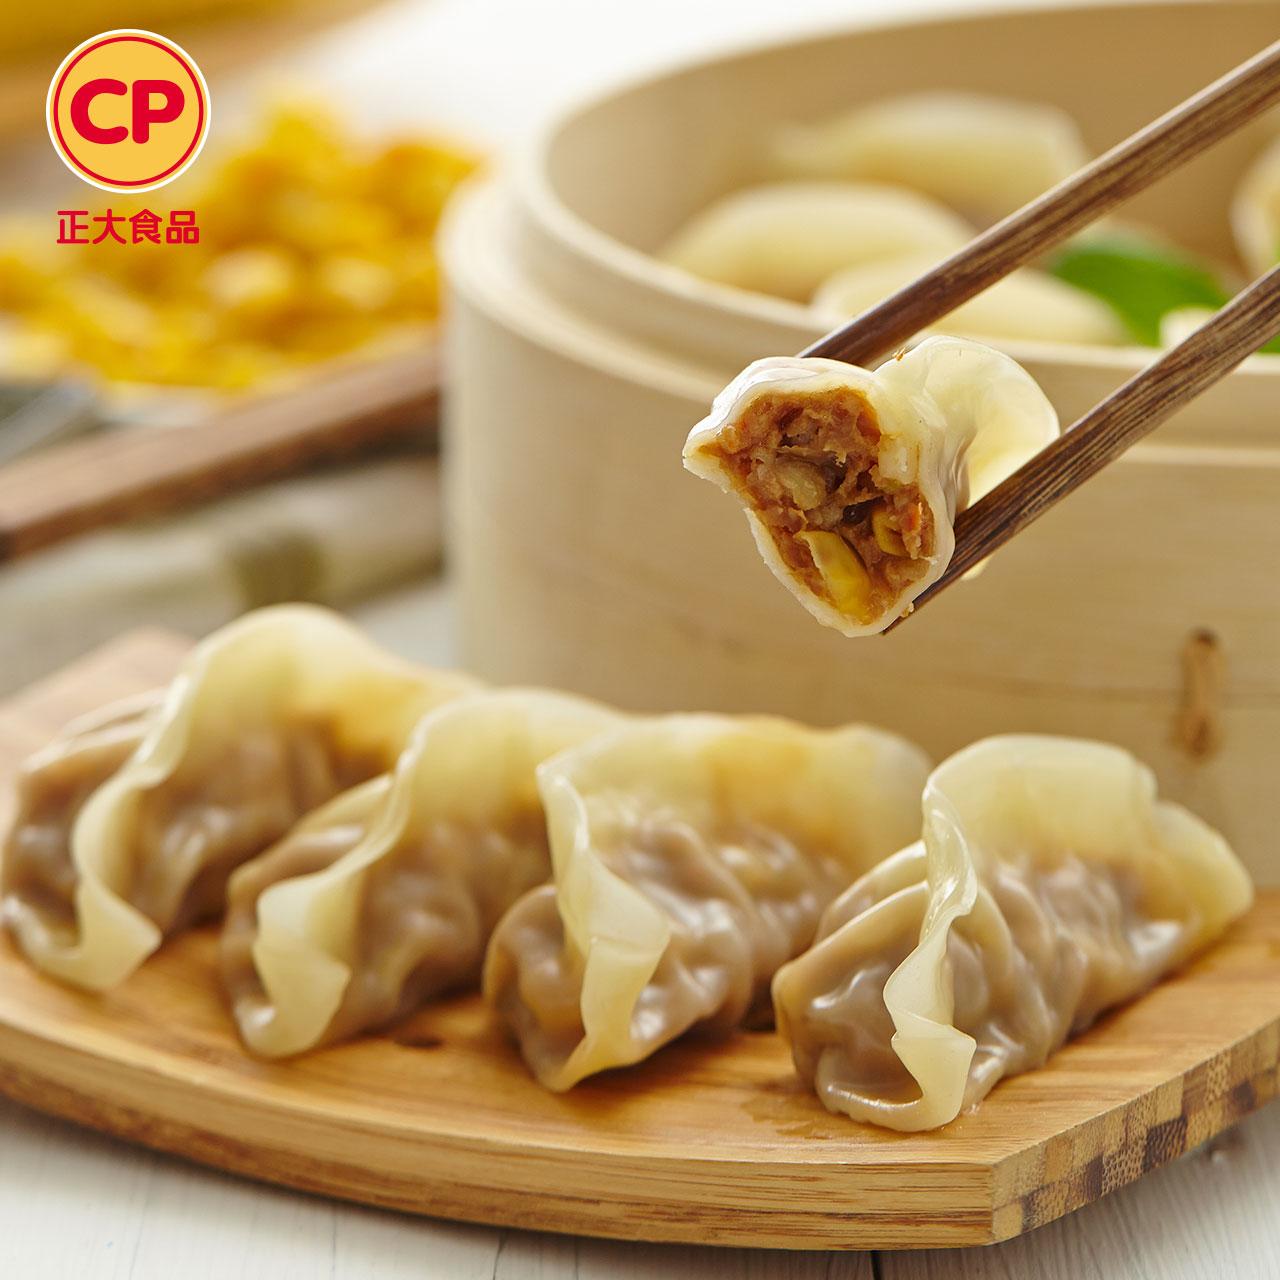 正大 速食速冻玉米蔬菜、菌菇三鲜口味蒸饺各2袋 1840g